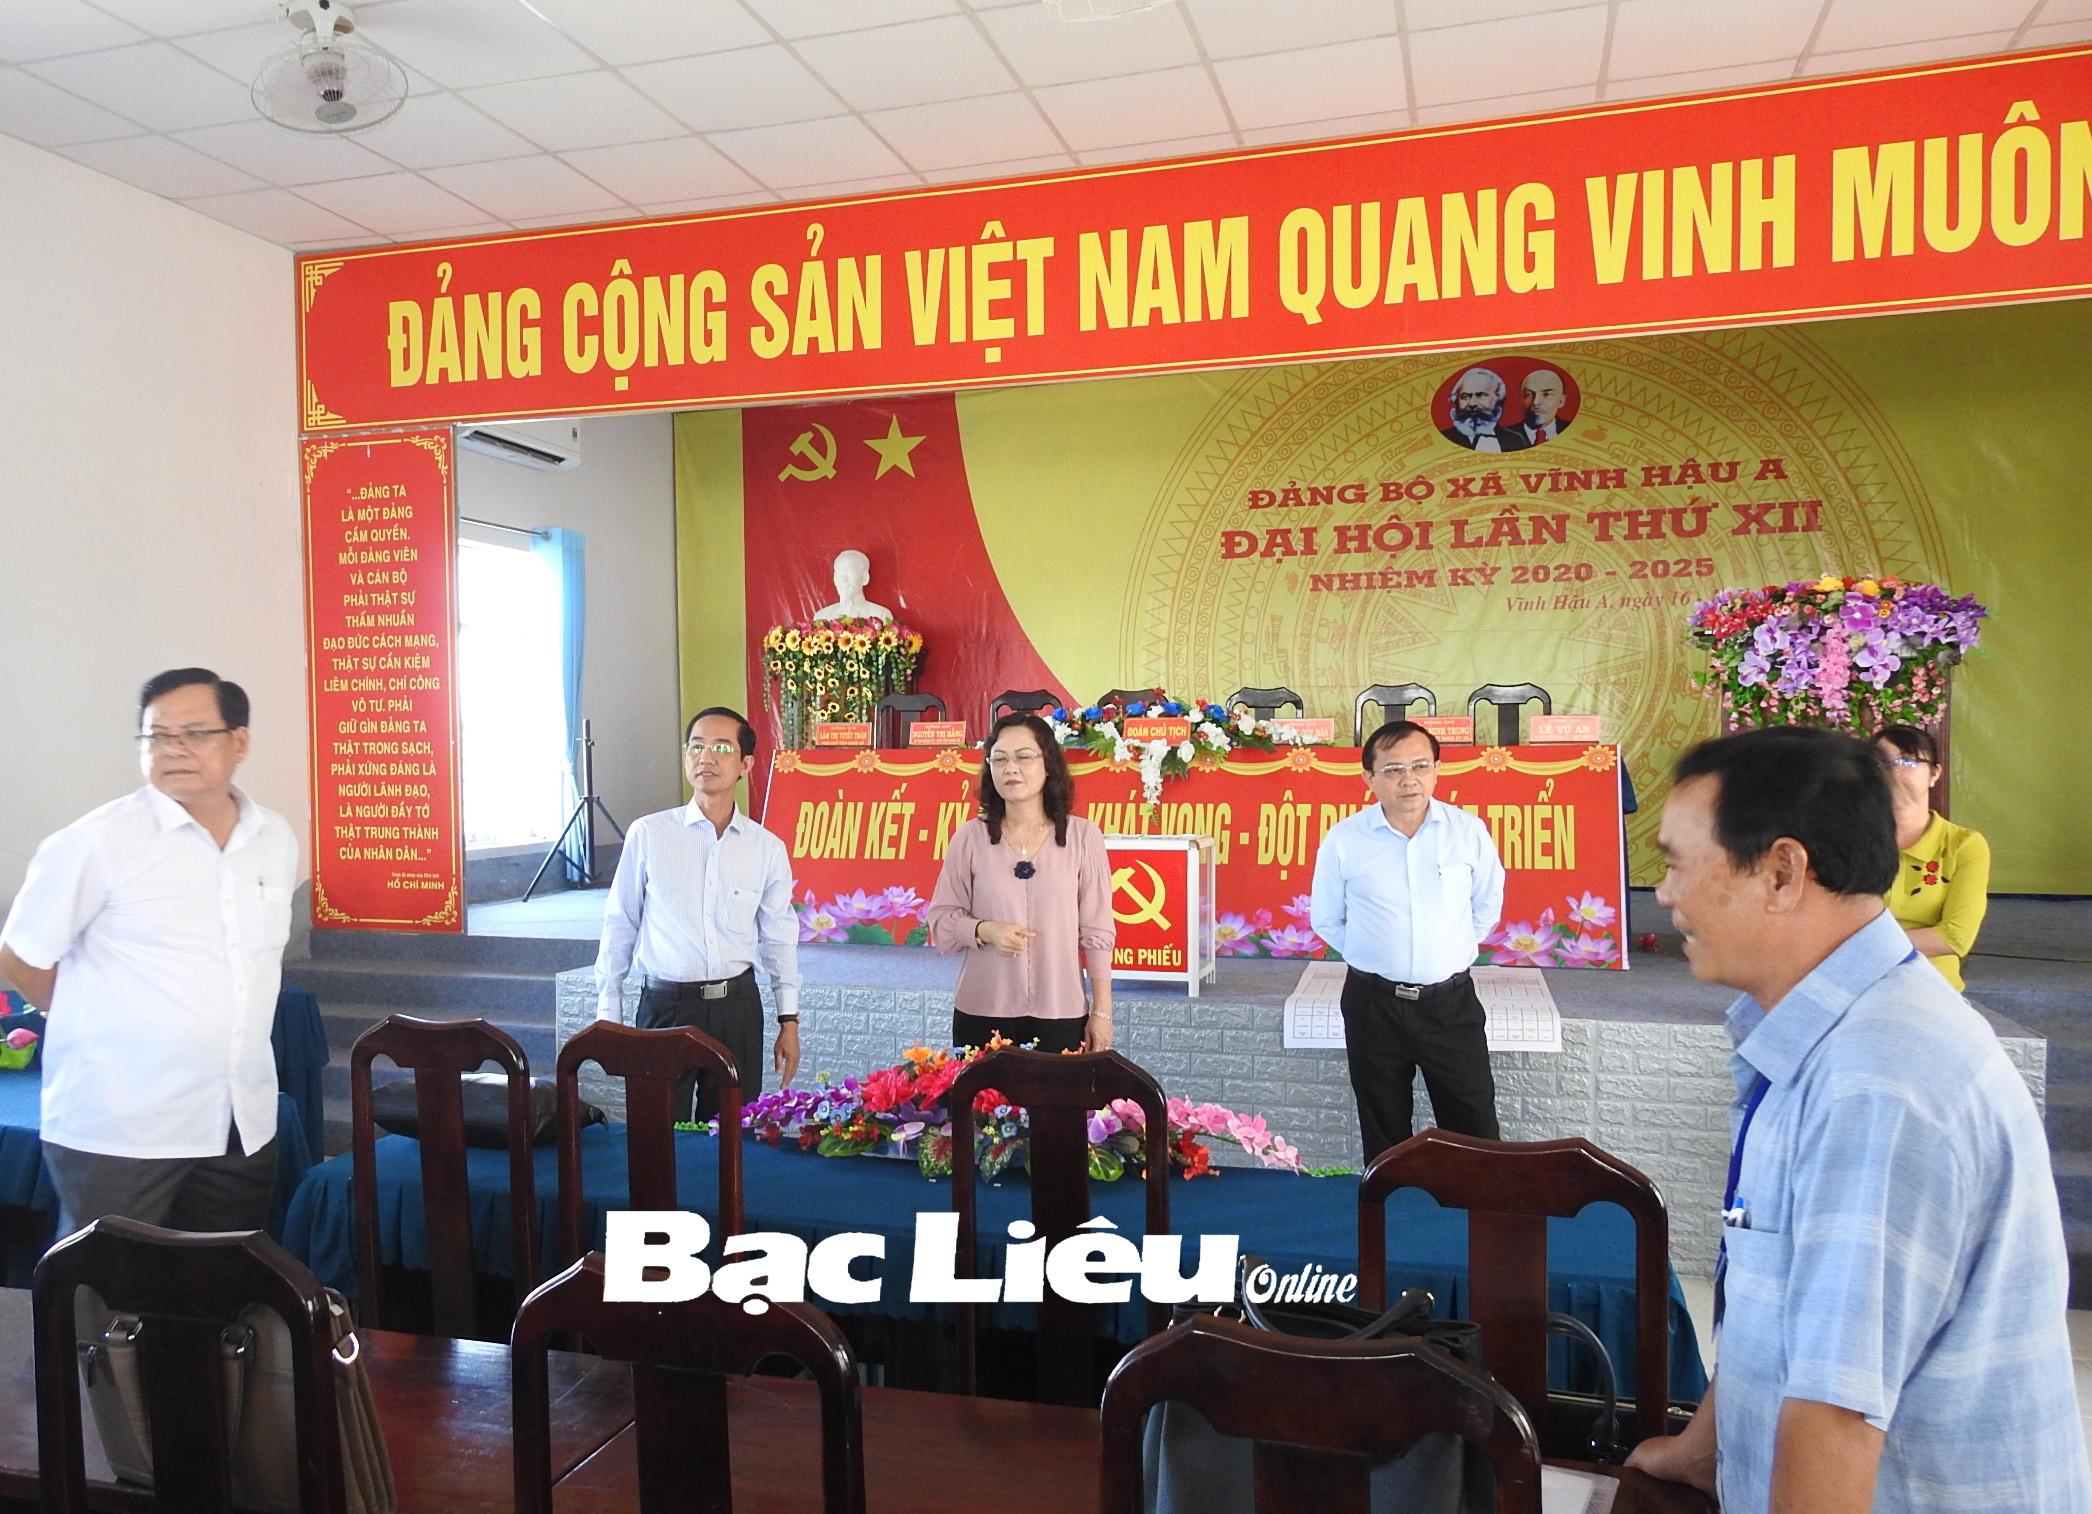 Phó Bí thư Thường trực Tỉnh ủy - Lê Thị Ái Nam kiểm tra công tác chuẩn bị tổ chức Đại hội Đảng bộ xã Vĩnh Hậu A nhiệm kỳ 2020 - 2025